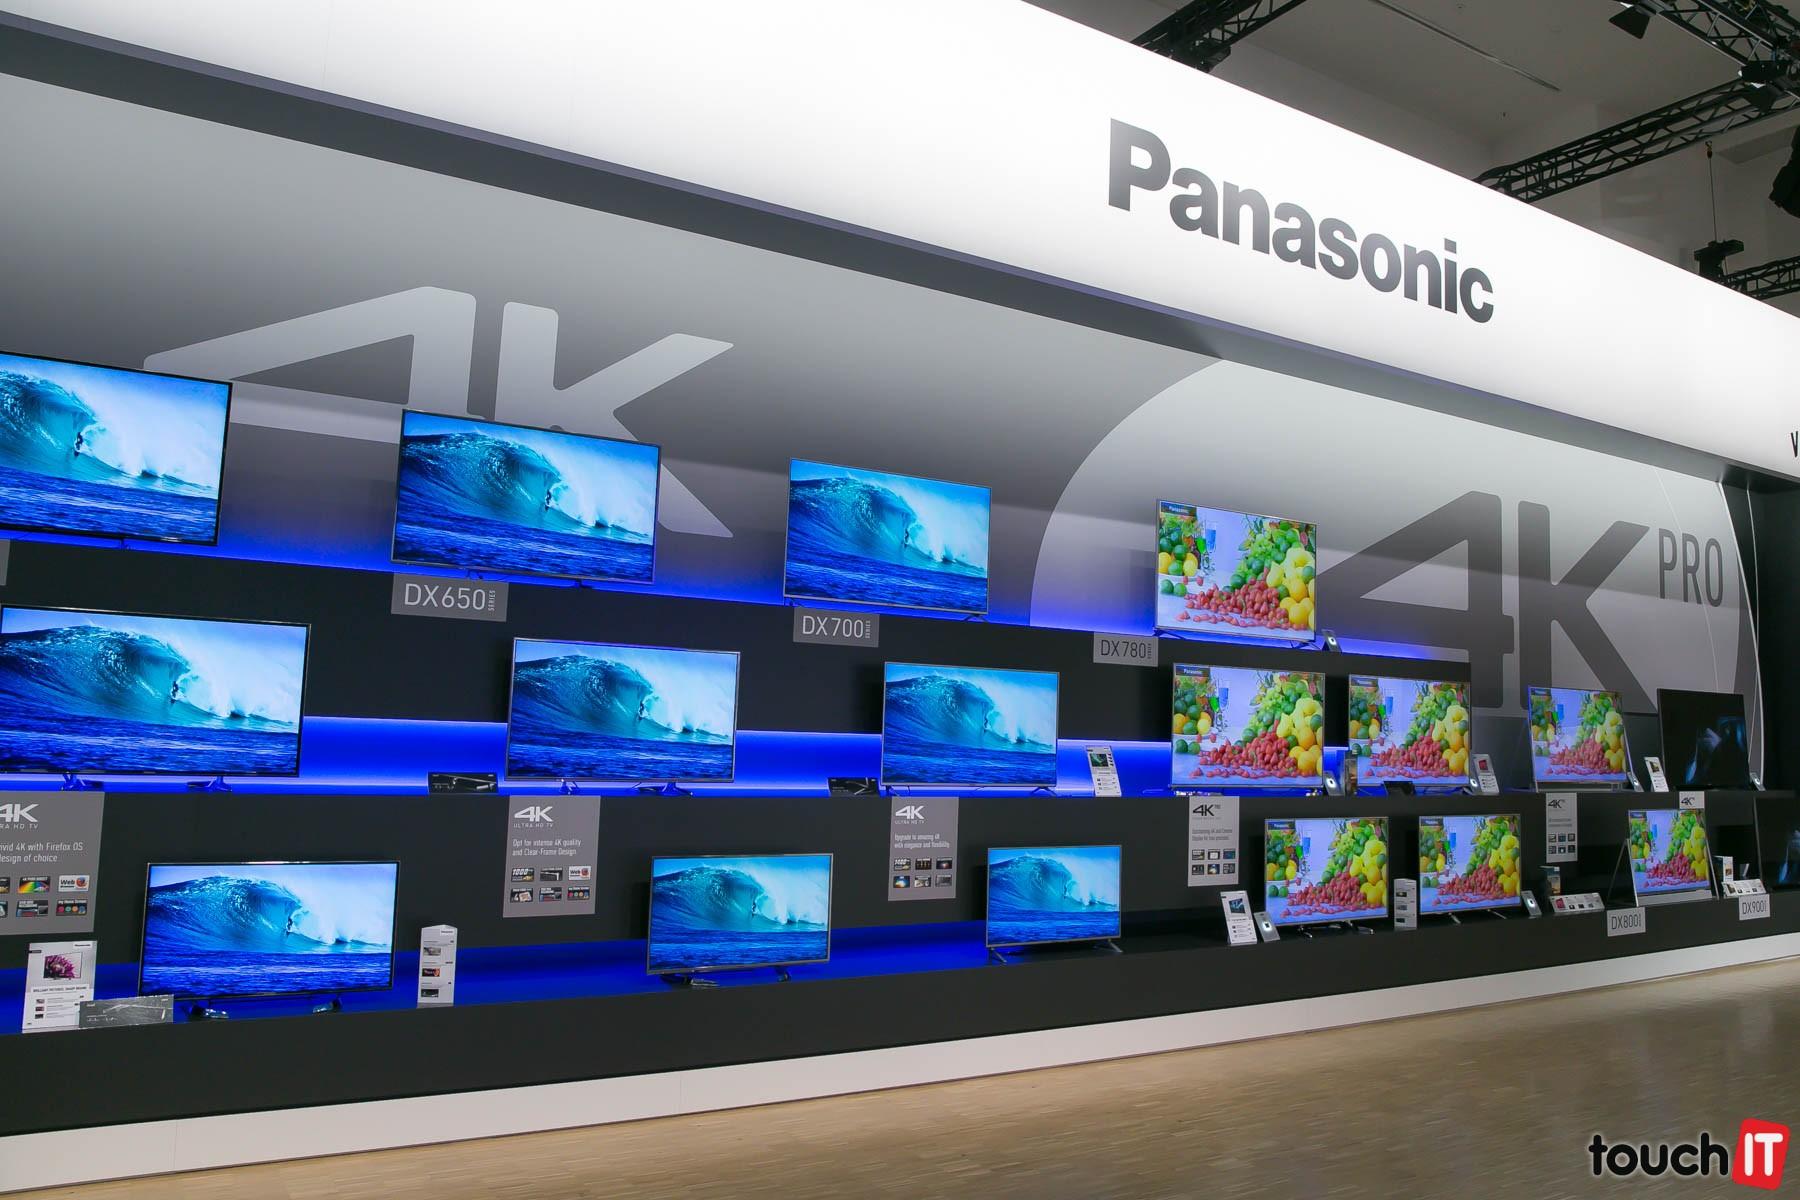 62102c41e Začiatkom roku 2016 sa na trhu objaví aj nový blu-ray prehrávač Panasonic  UB900 s podporou ultravysokého rozlíšenia 4K, ktorý bude dobre  spolupracovať s ...